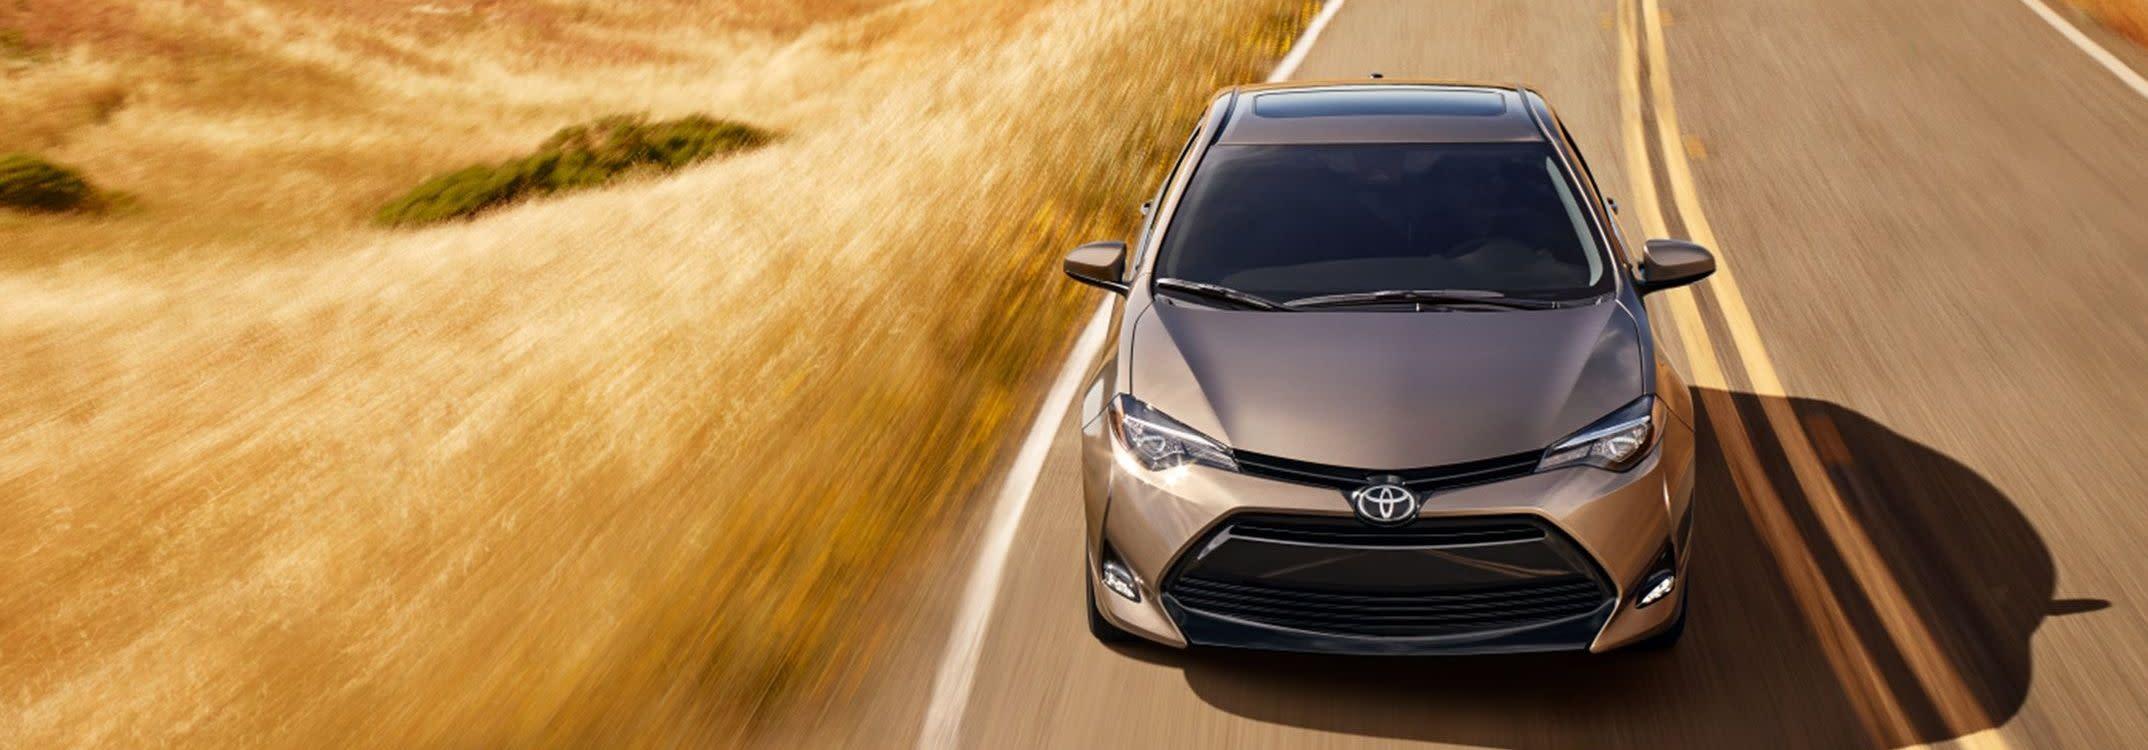 Toyota Corolla Repair Manual: Adjustment